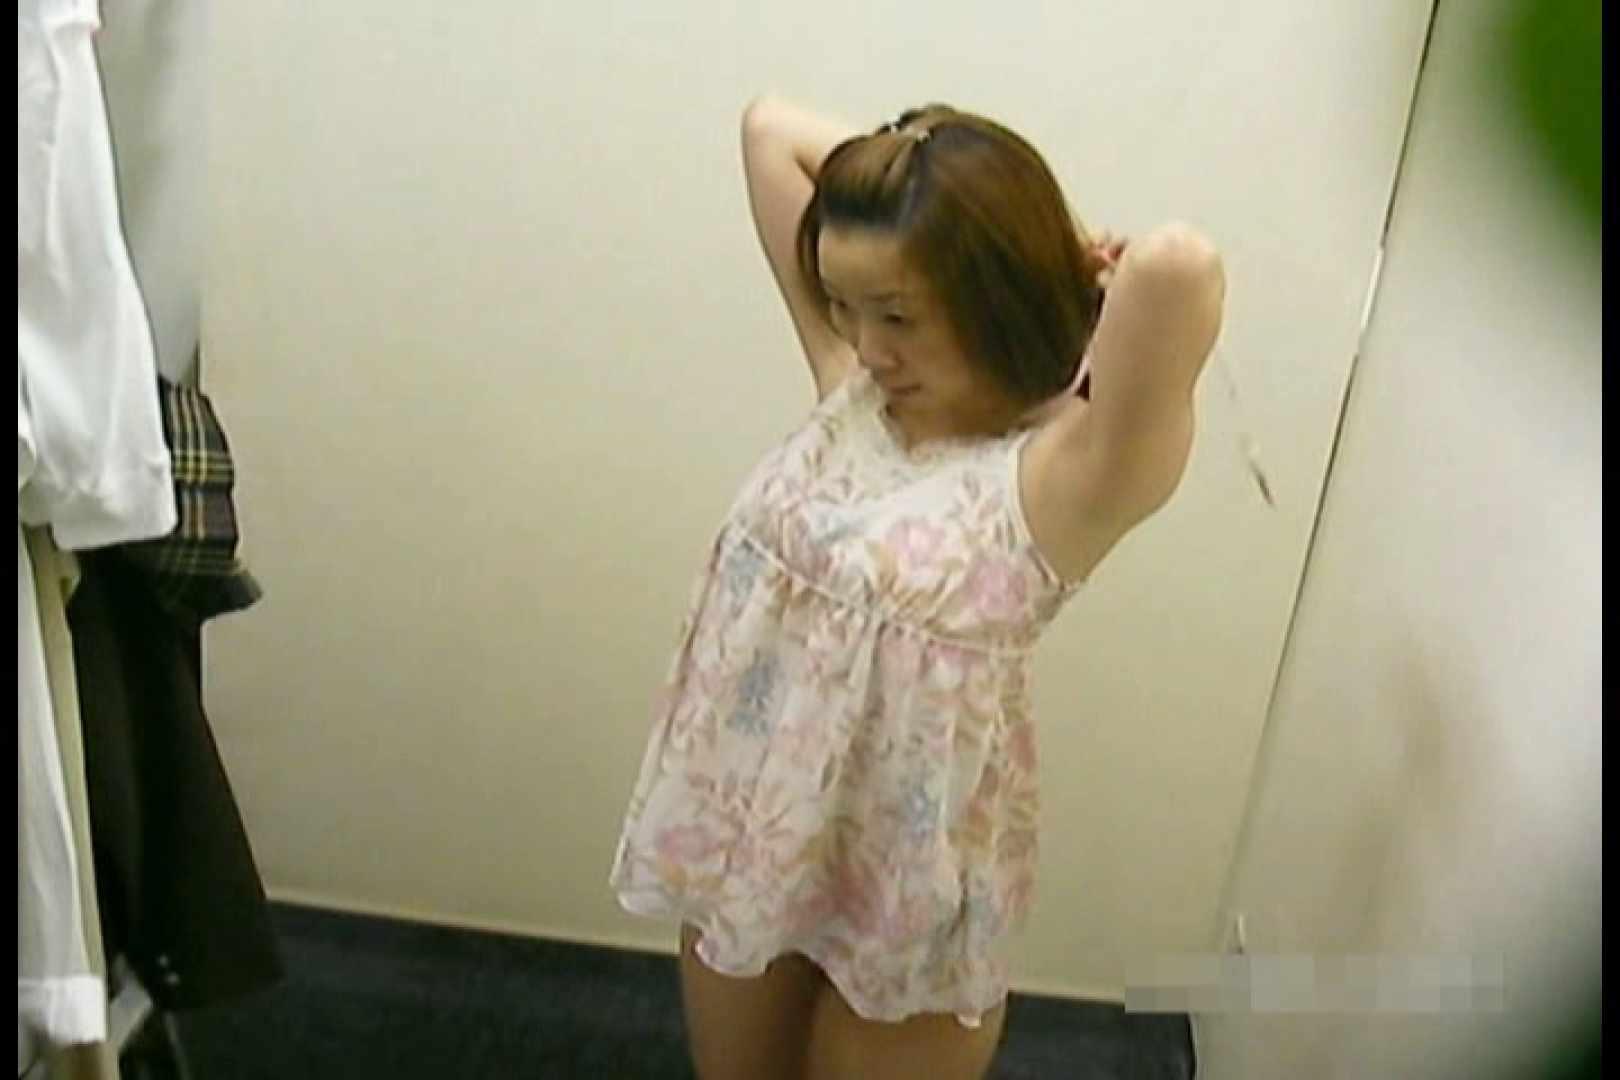 素人撮影 下着だけの撮影のはずが・・・愛22歳 ギャル達のおっぱい | 隠撮  109画像 105